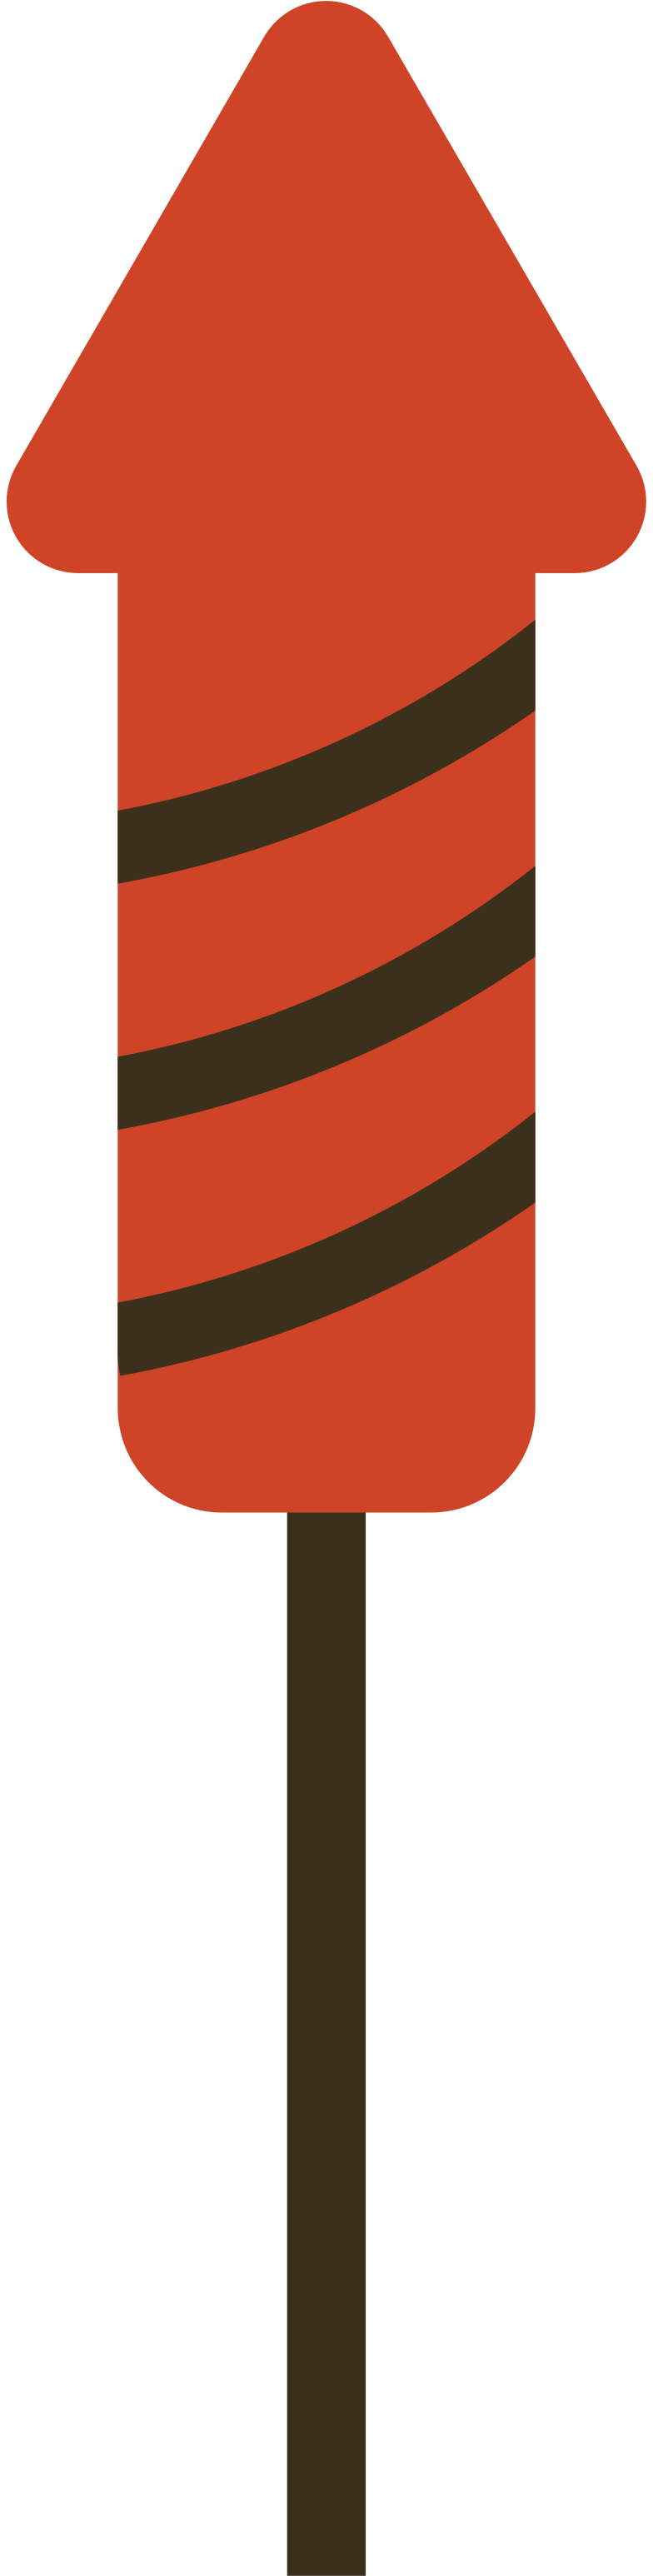 fireworks rocket Clipart illustration in PNG, SVG